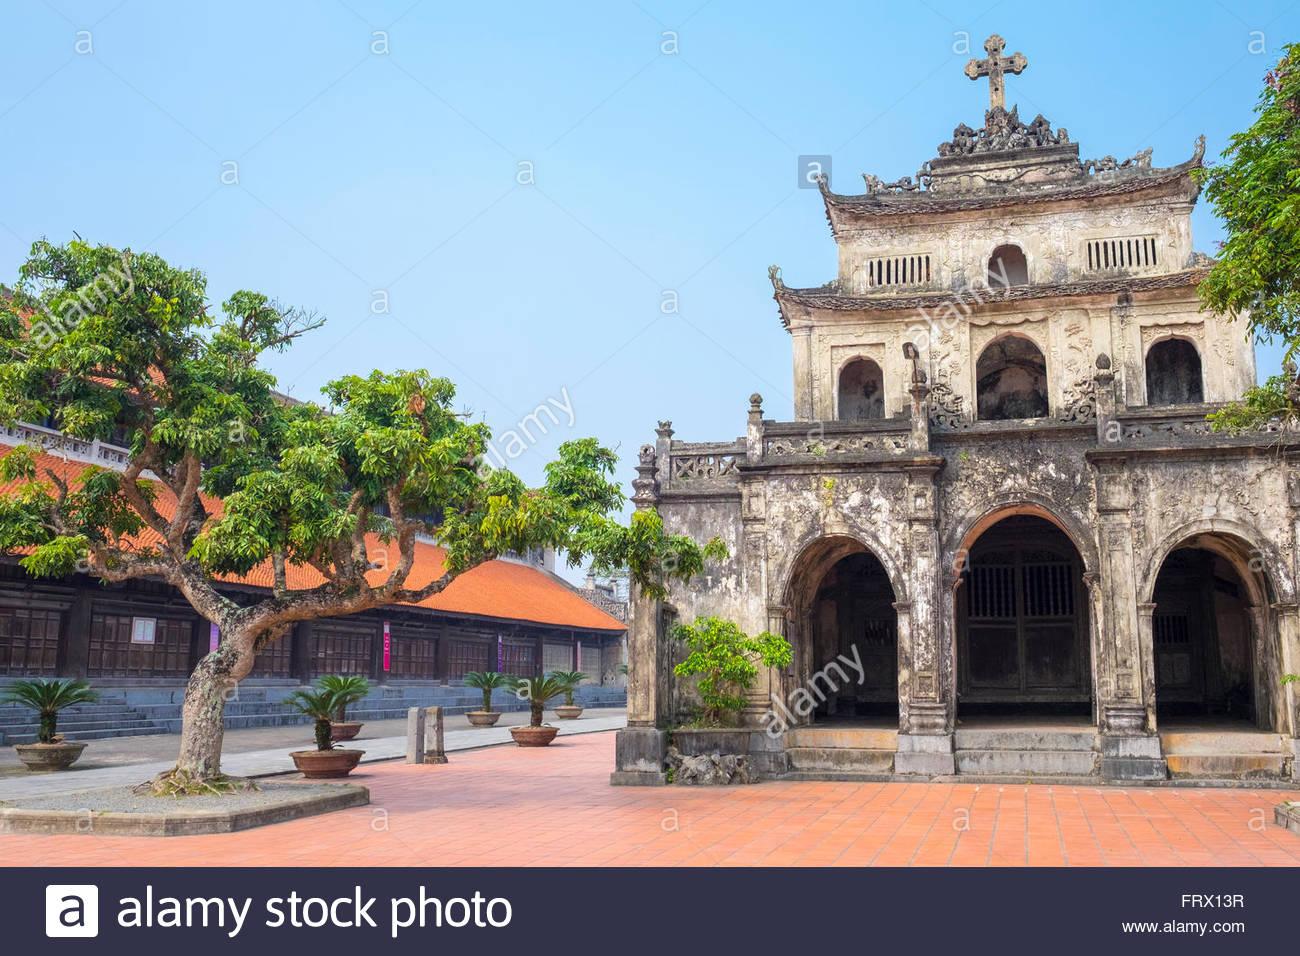 Chapelle Saint Roch à la Cathédrale de Phat Diem, Phat Diem, province de Ninh Binh, Vietnam Photo Stock